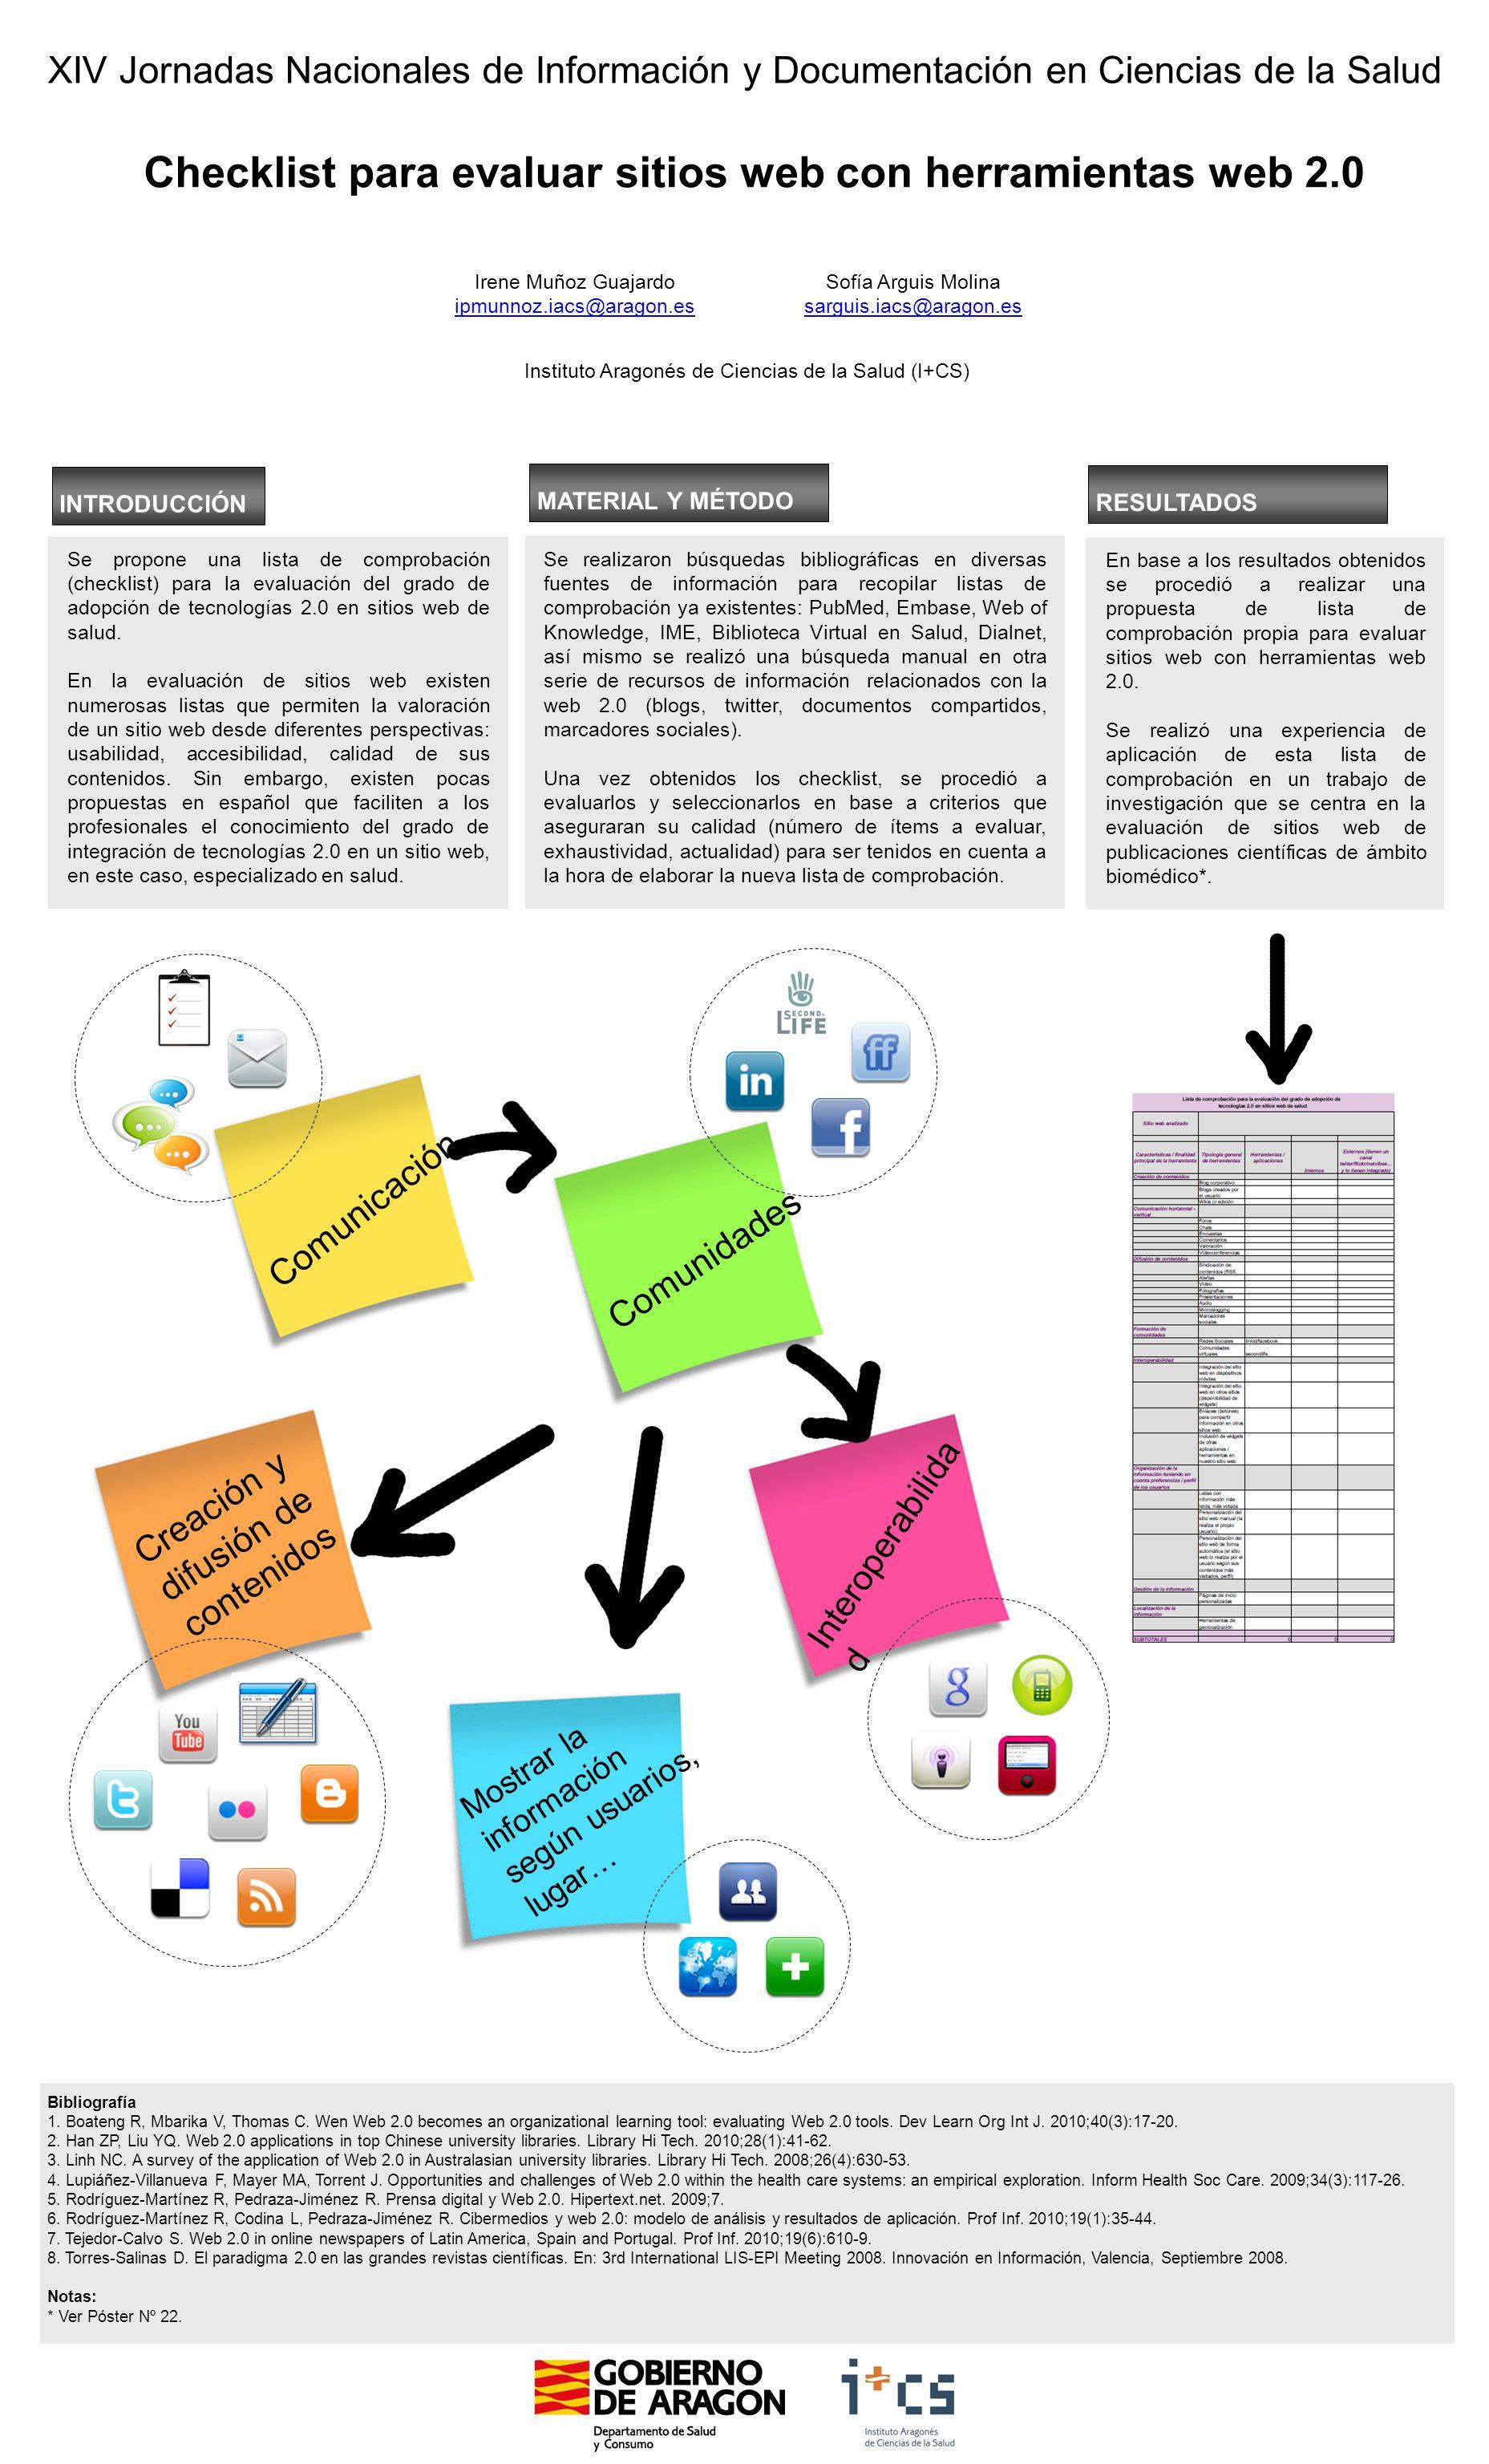 Checklist para evaluar sitios web con herramientas web 2.0